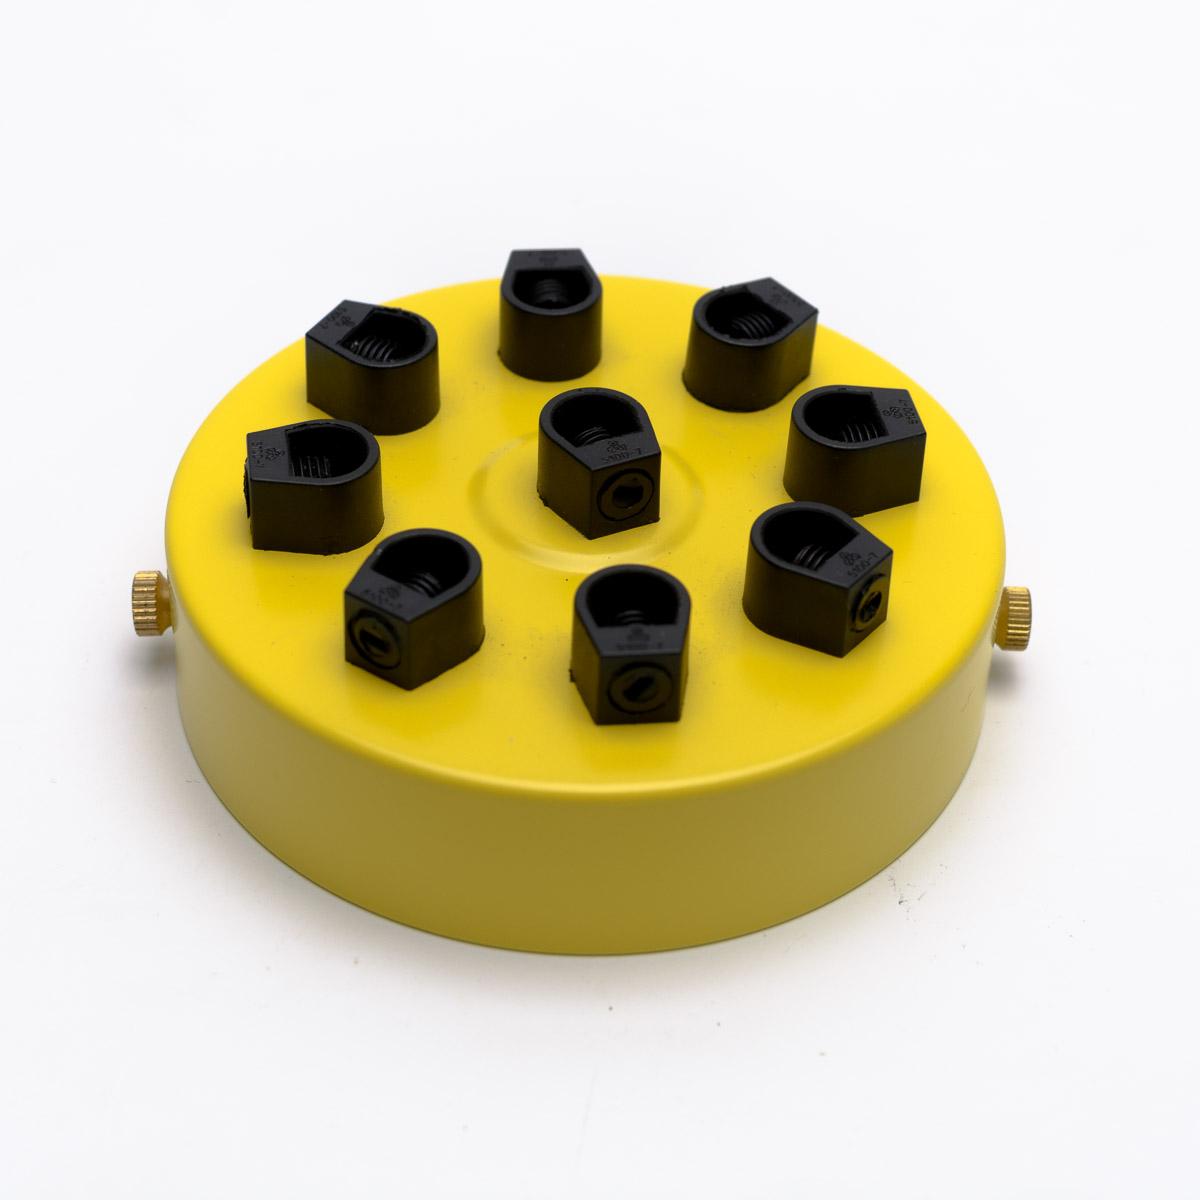 Потолочный крепеж стальной 9 выходов желтый